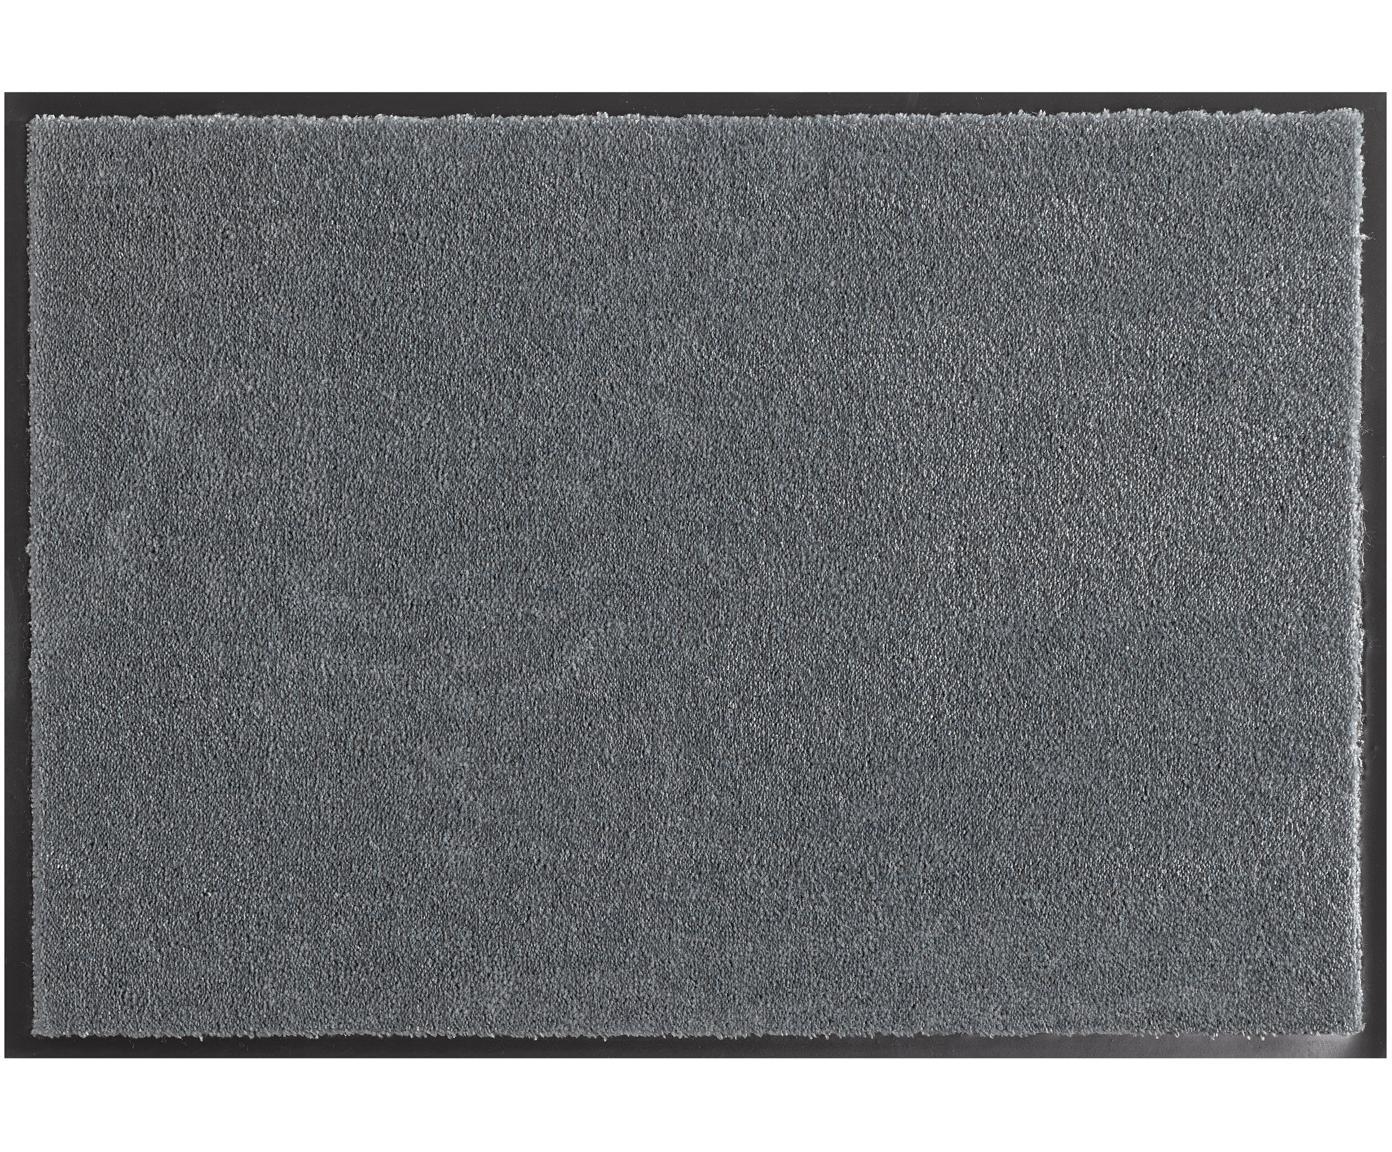 Polyamid-Fußmatte Milo, Vorderseite: Polyamid, Rückseite: Gummi, Grau, 39 x 58 cm